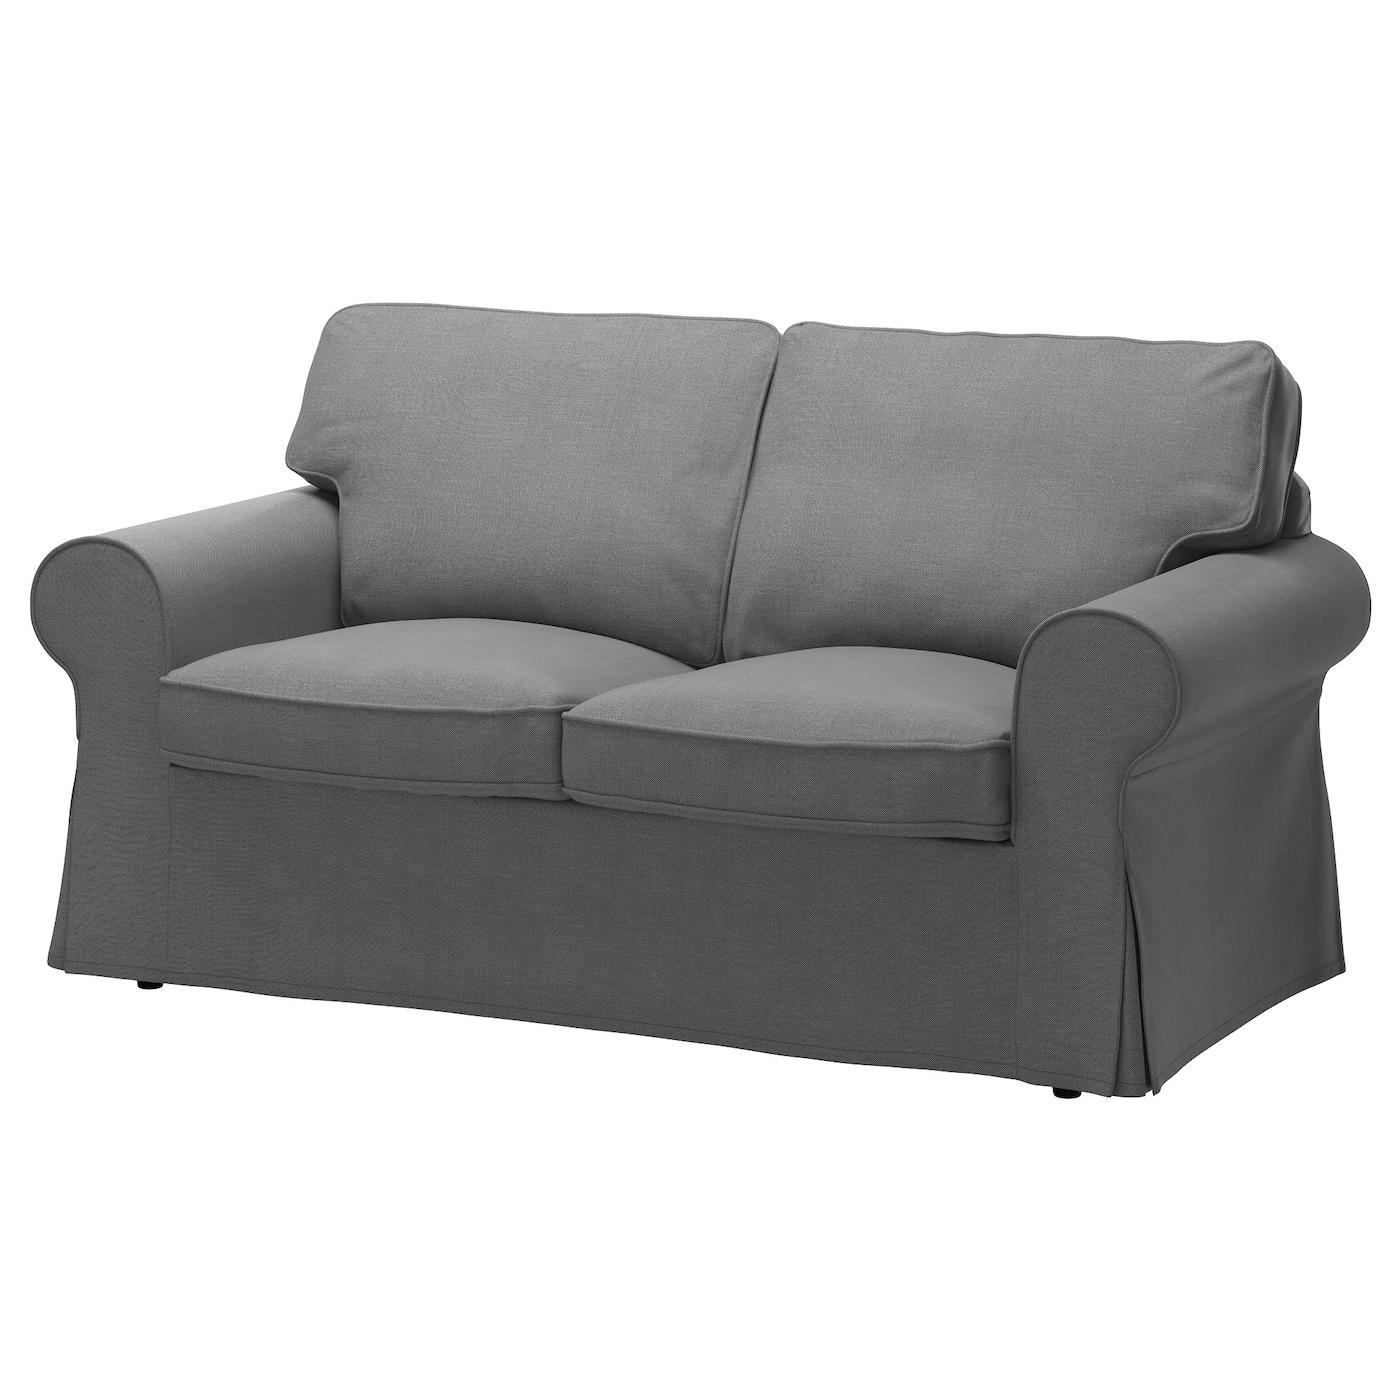 Ofertas Y Promociones En Muebles Y Decoración Compra Online Ikea